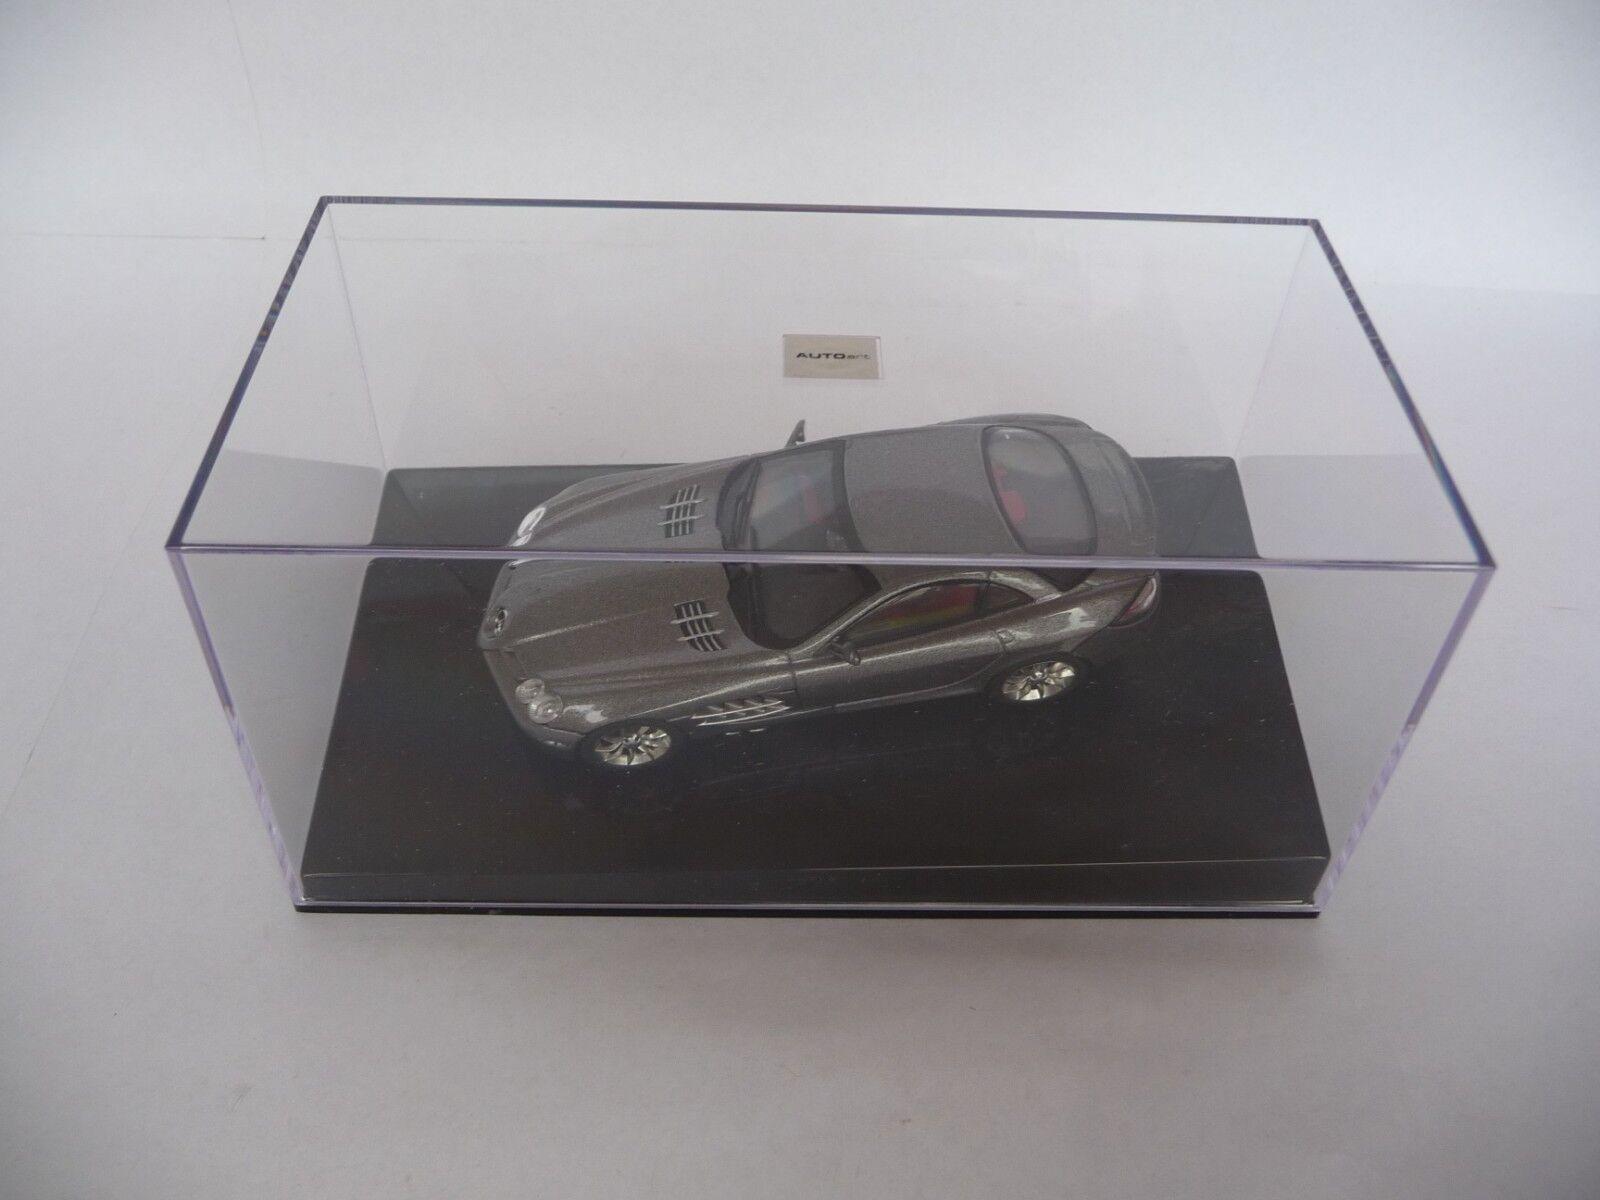 Faites plaisir à vos clients AUTOART 1:43 MERCEDES BENZ SLR Gris Métallisé AA56124   Nouveau Produit